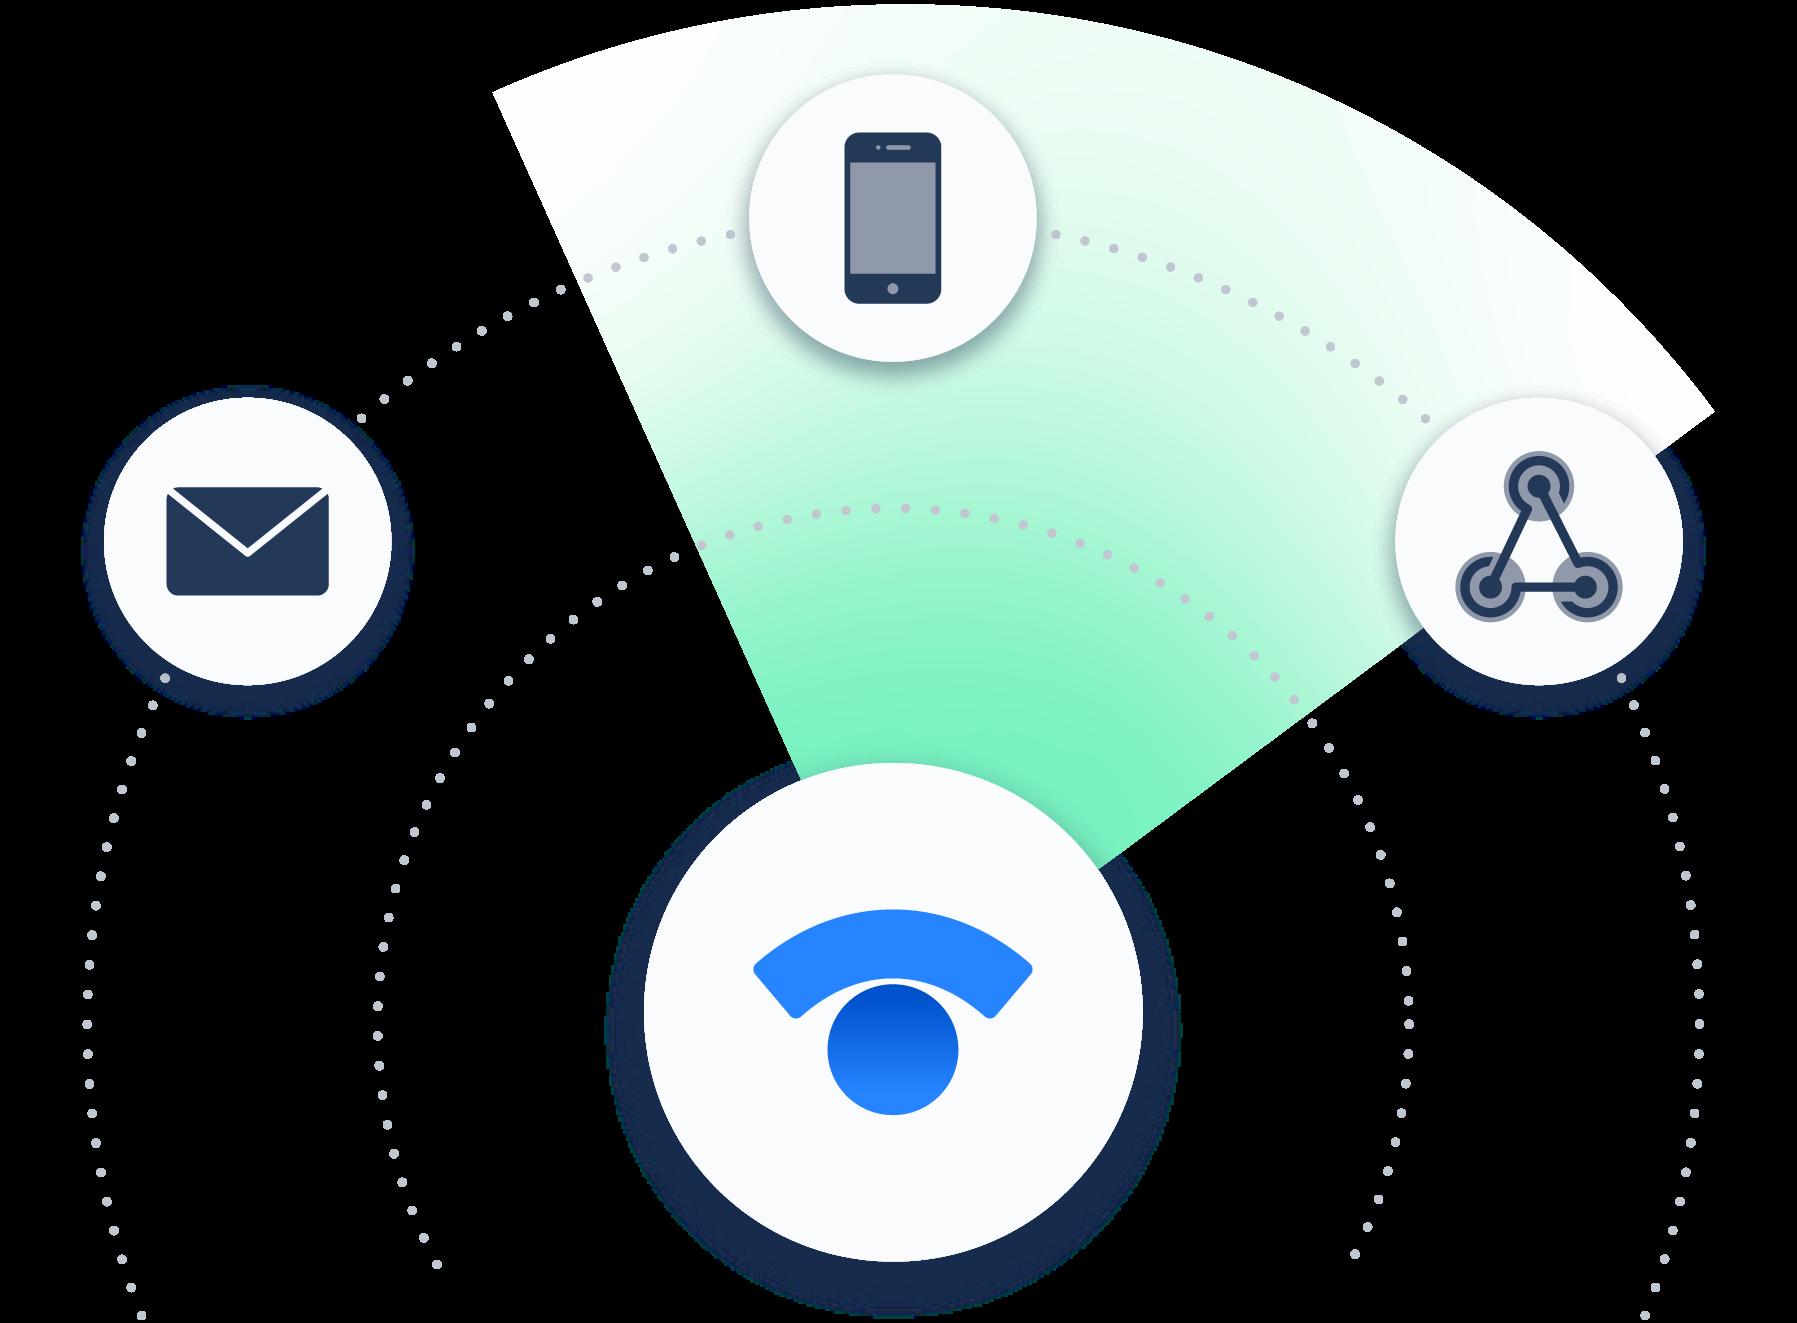 Ikona Statuspage w otoczeniu ikon metod komunikacji (np. e-mail, telefon)